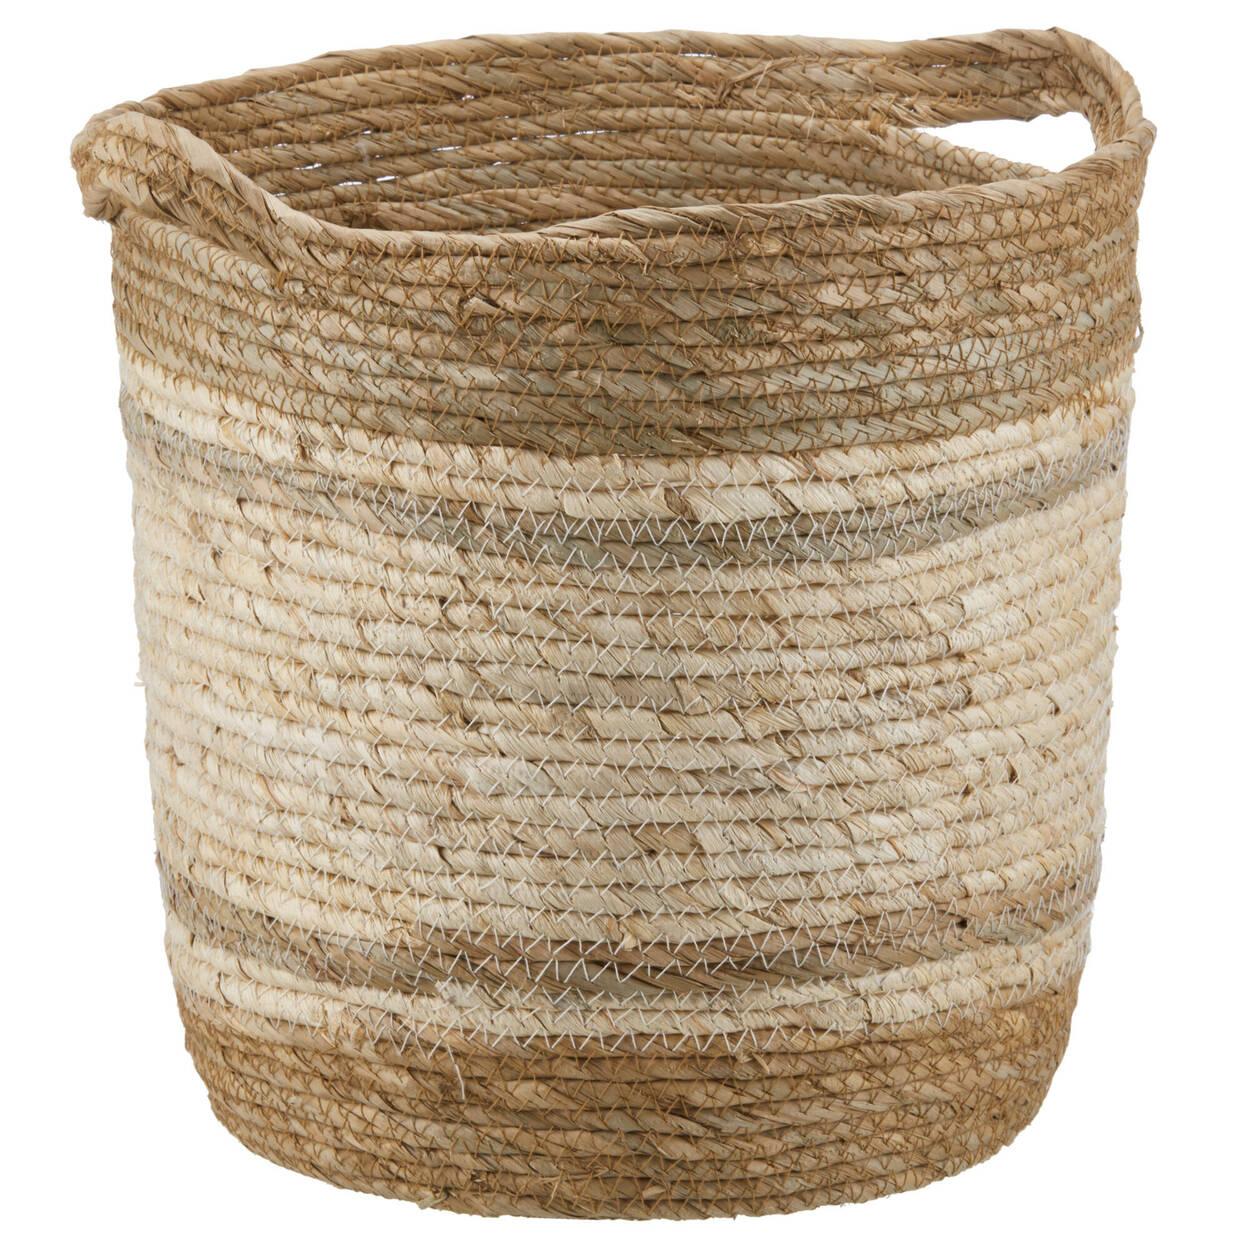 2-Tone Corn Fiber Storage Basket